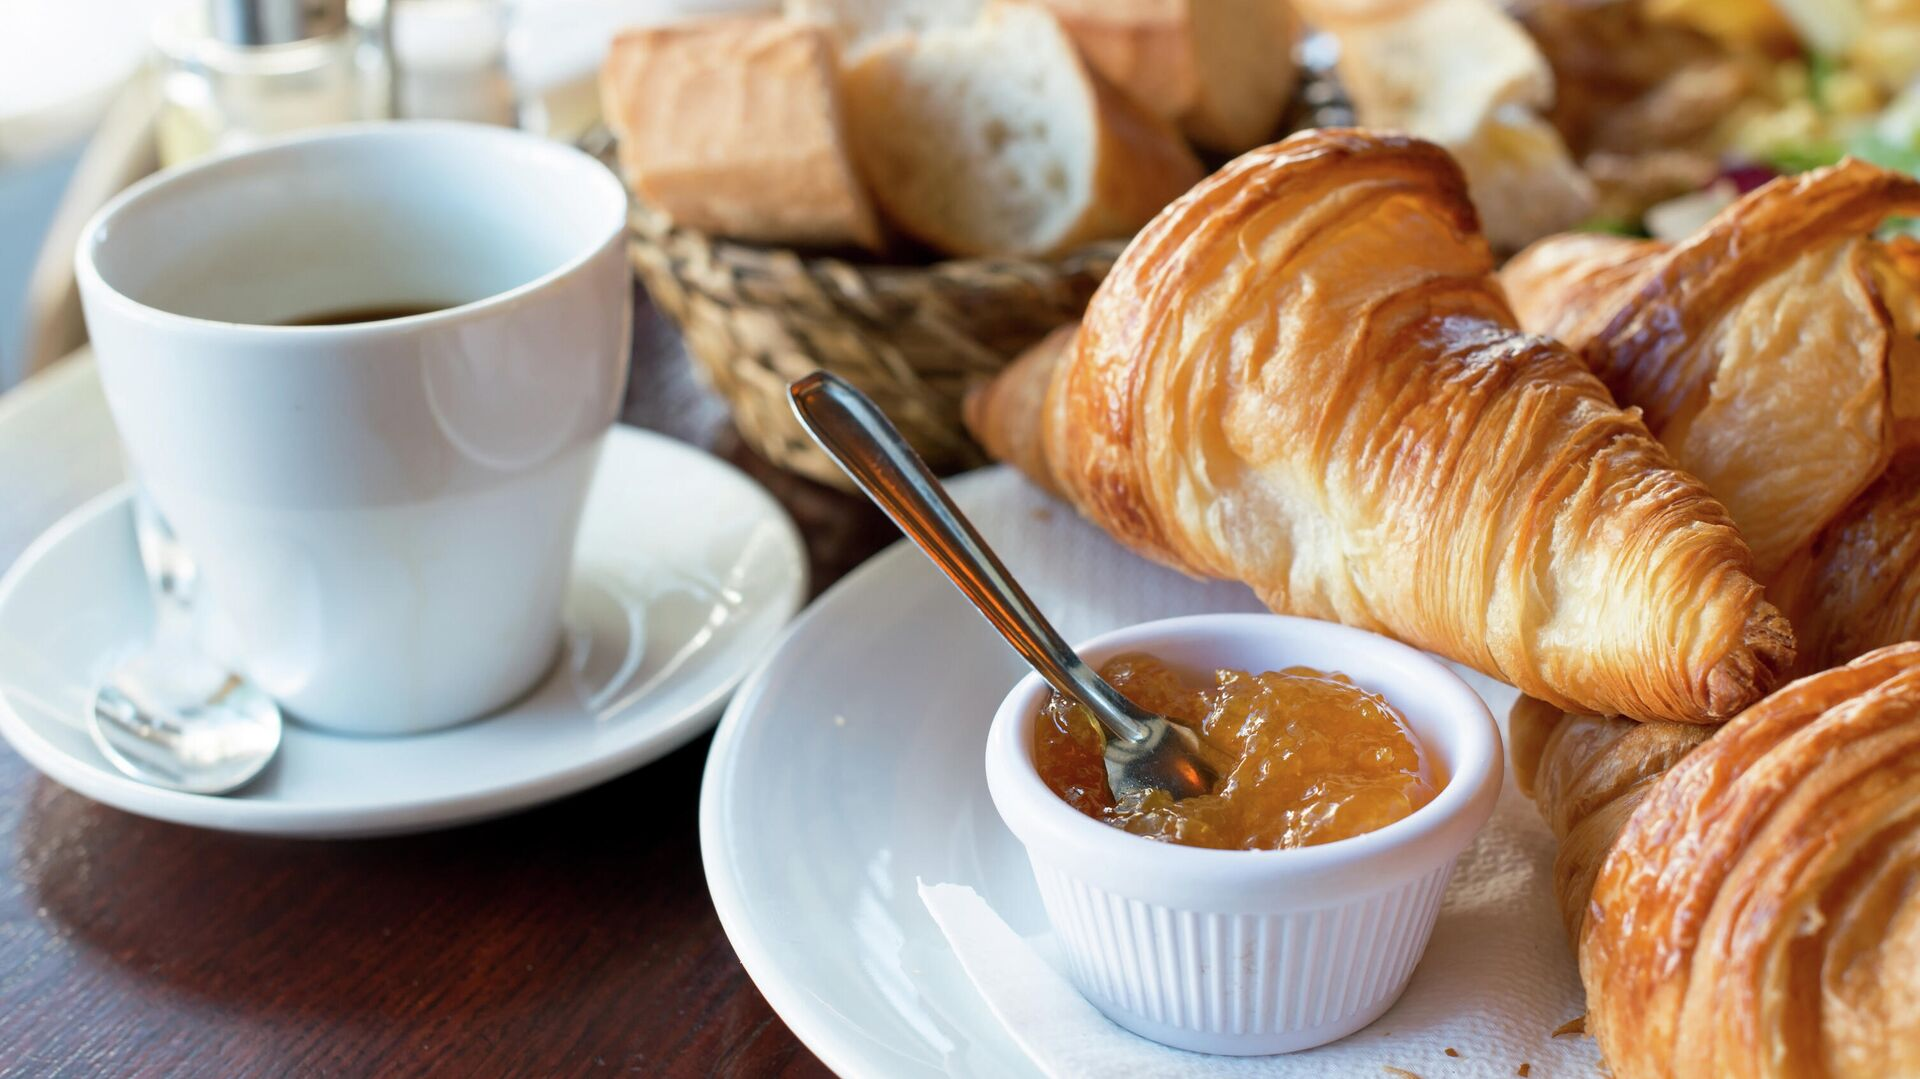 Традиционный французский завтрак  - РИА Новости, 1920, 01.10.2020